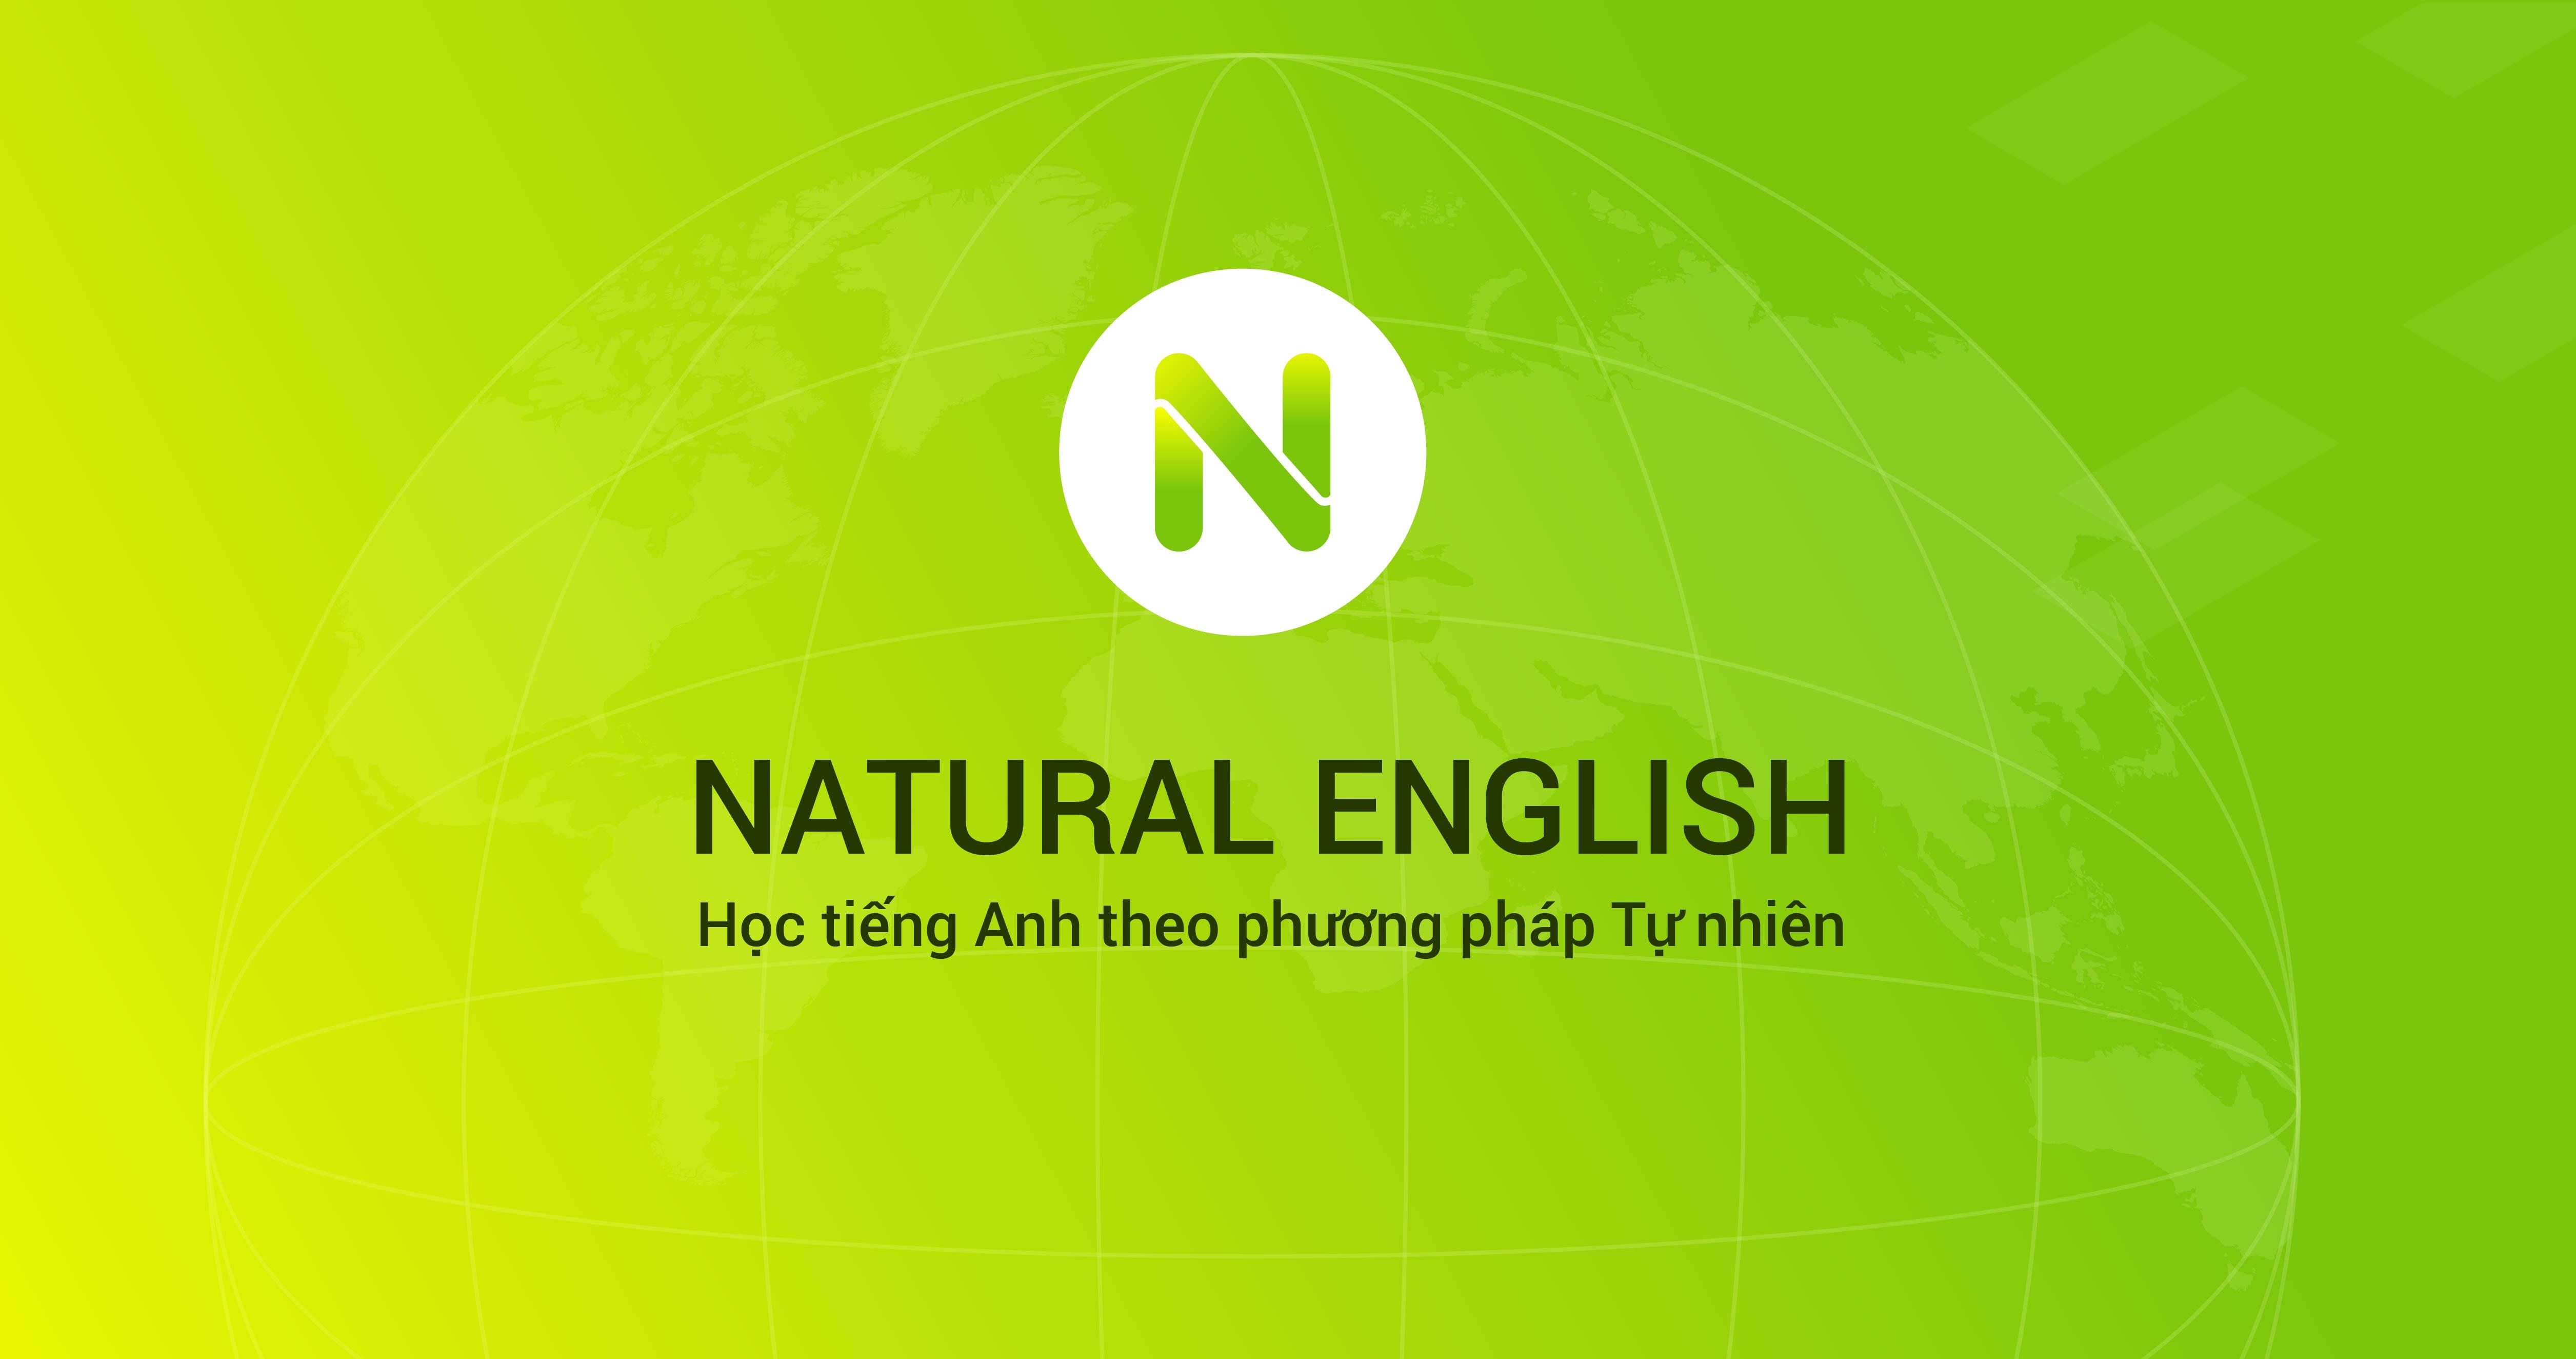 Sự khác biệt giữa Natural English với phương pháp học tiếng Anh theo cách truyền thống